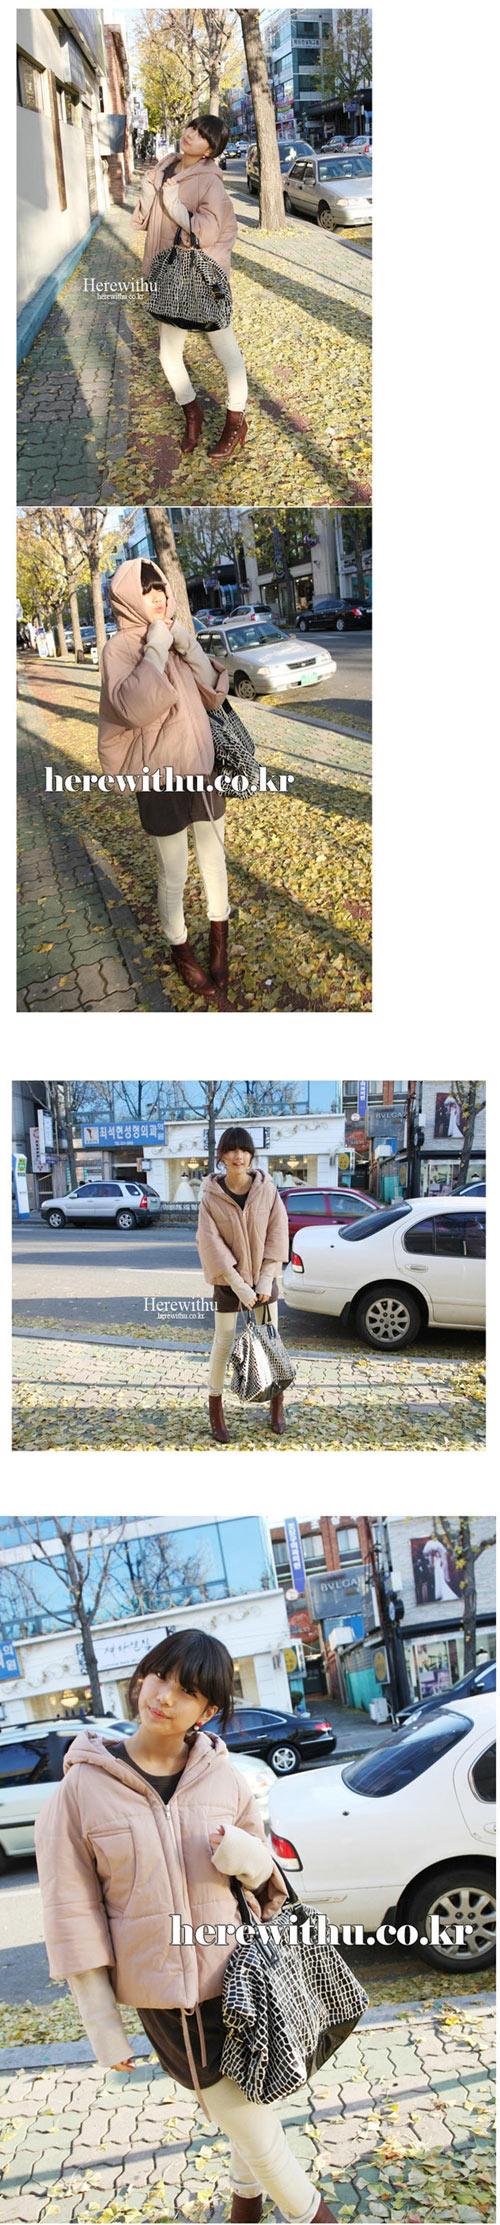 미쓰에이 수지, 쇼핑몰 모델 시절 '근데 의상이....'